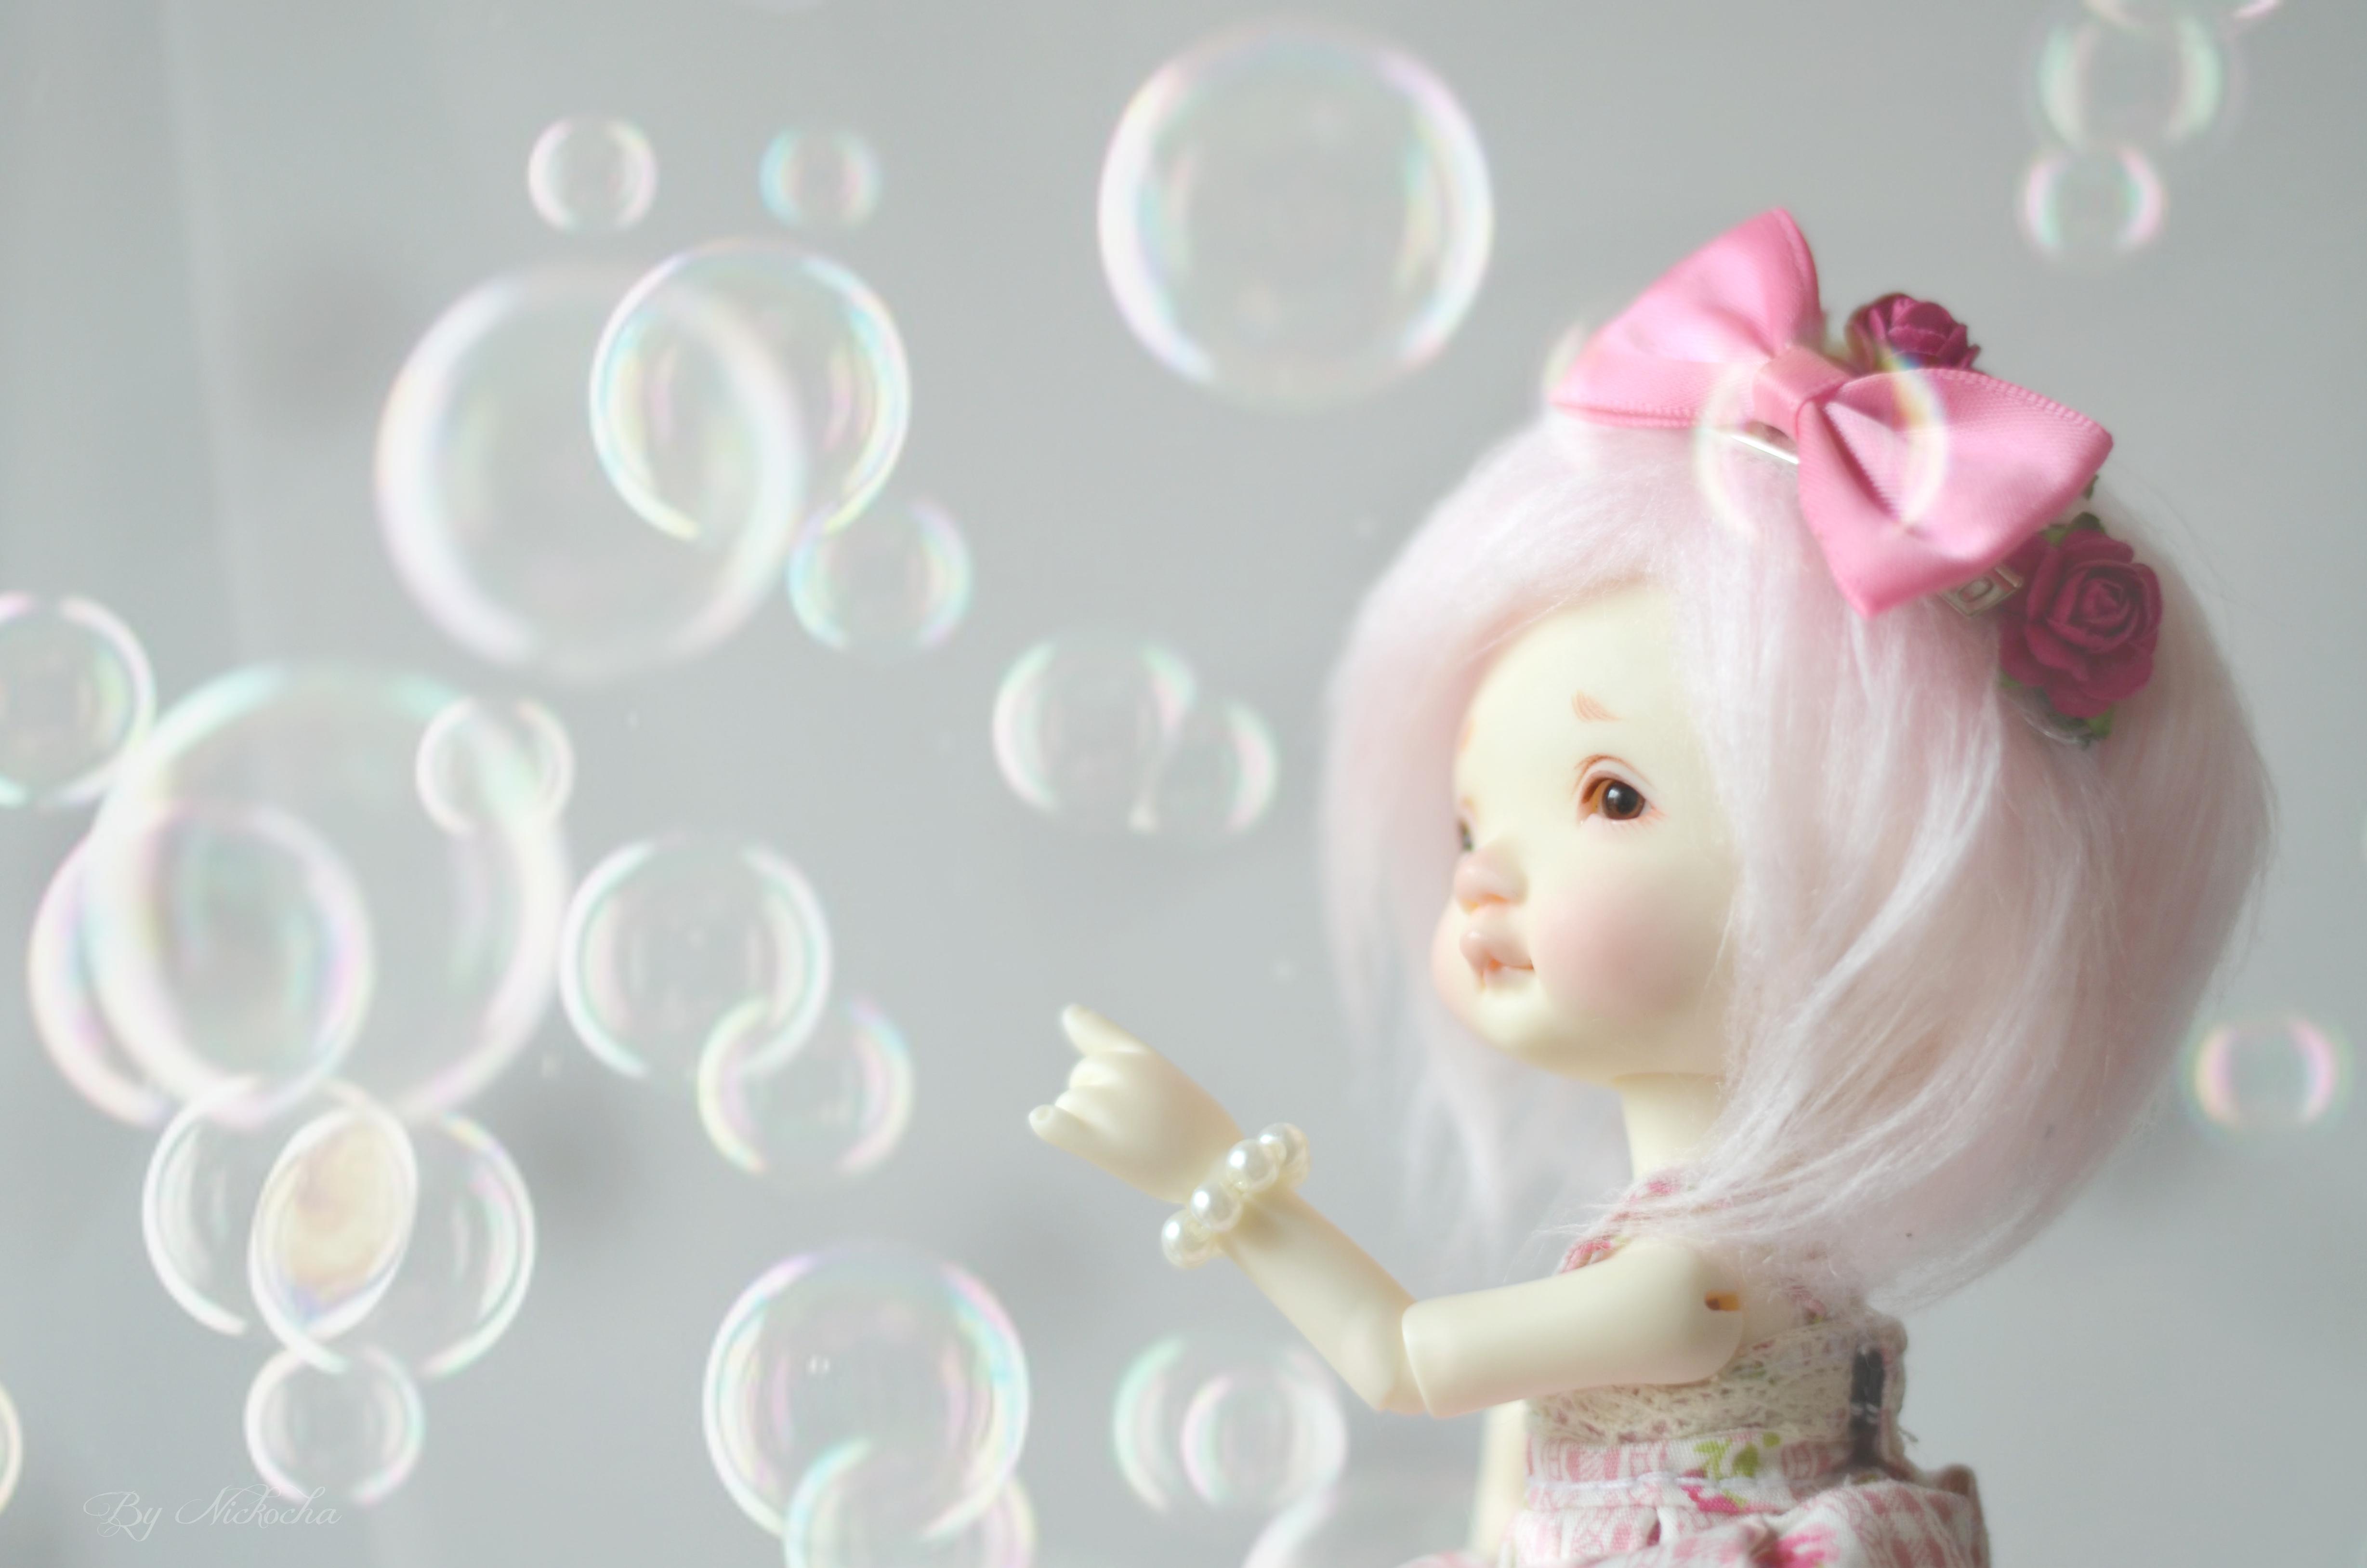 Sfondi Rosa Palla Pelliccia Bambole Parrucca Bjd Snodato